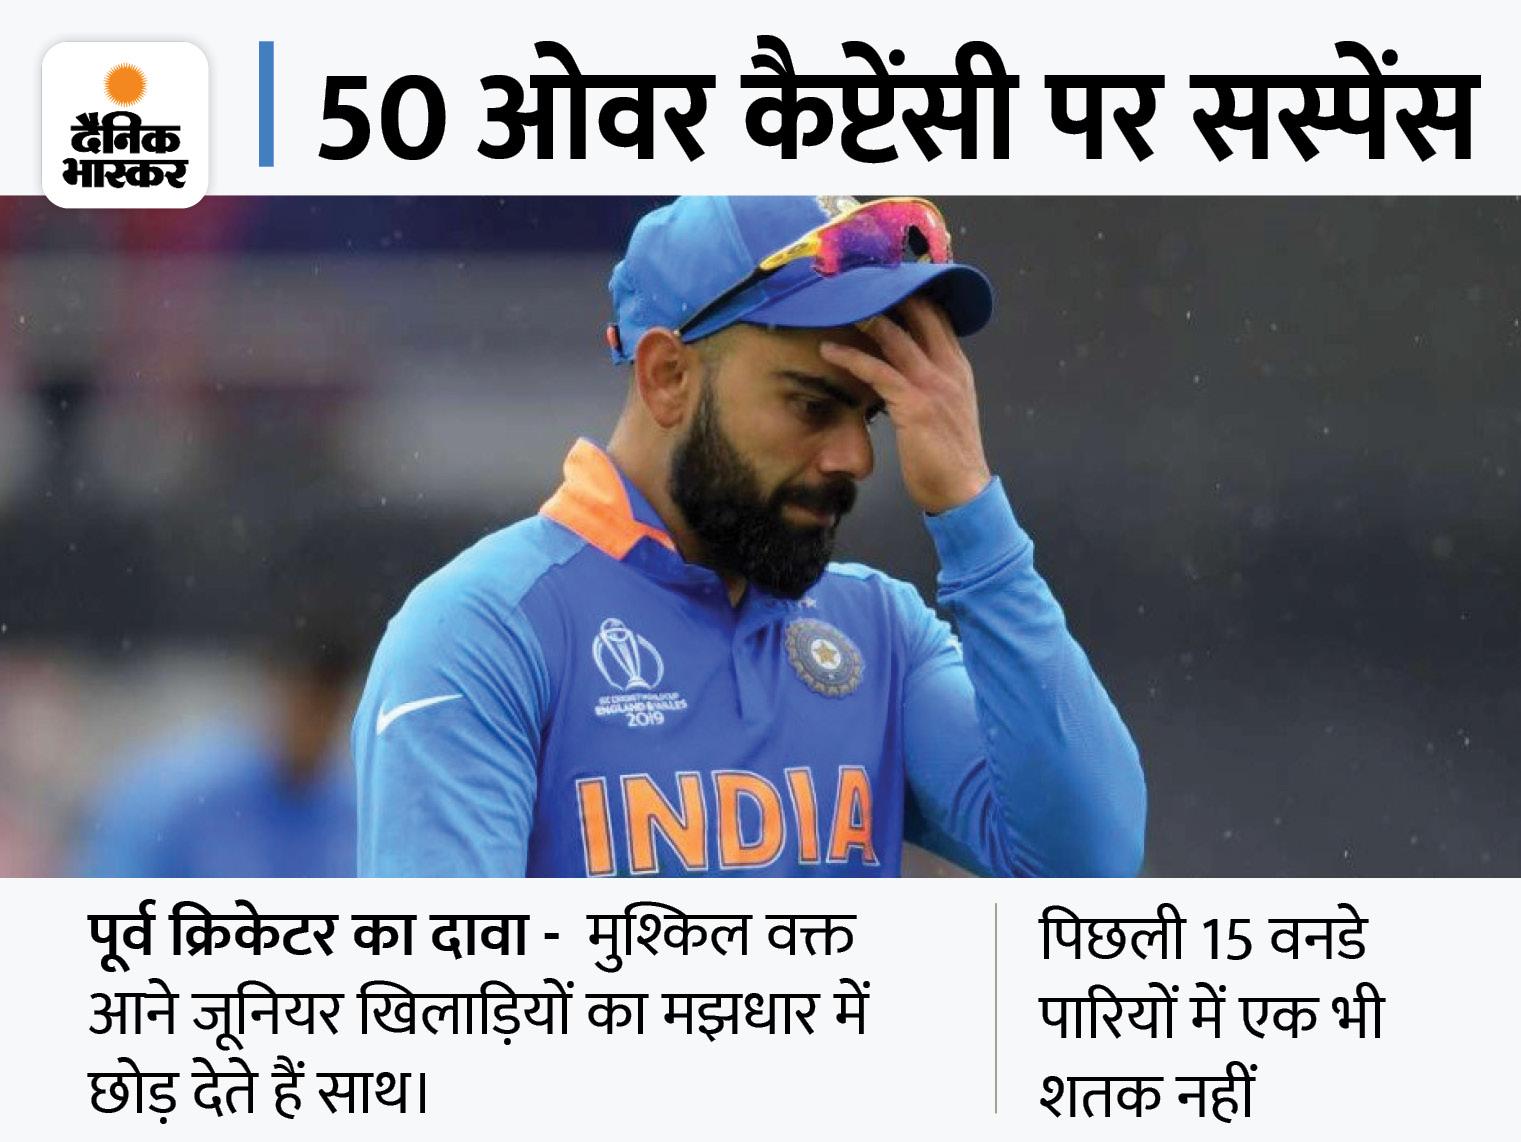 2023 वर्ल्ड कप तक कप्तान बने रहने की गारंटी खत्म, पिछले दो सालों में खोया युवा खिलाड़ियों को सपोर्ट; चयनकर्ताओं से भी नाराज है विराट क्रिकेट,Cricket - Dainik Bhaskar